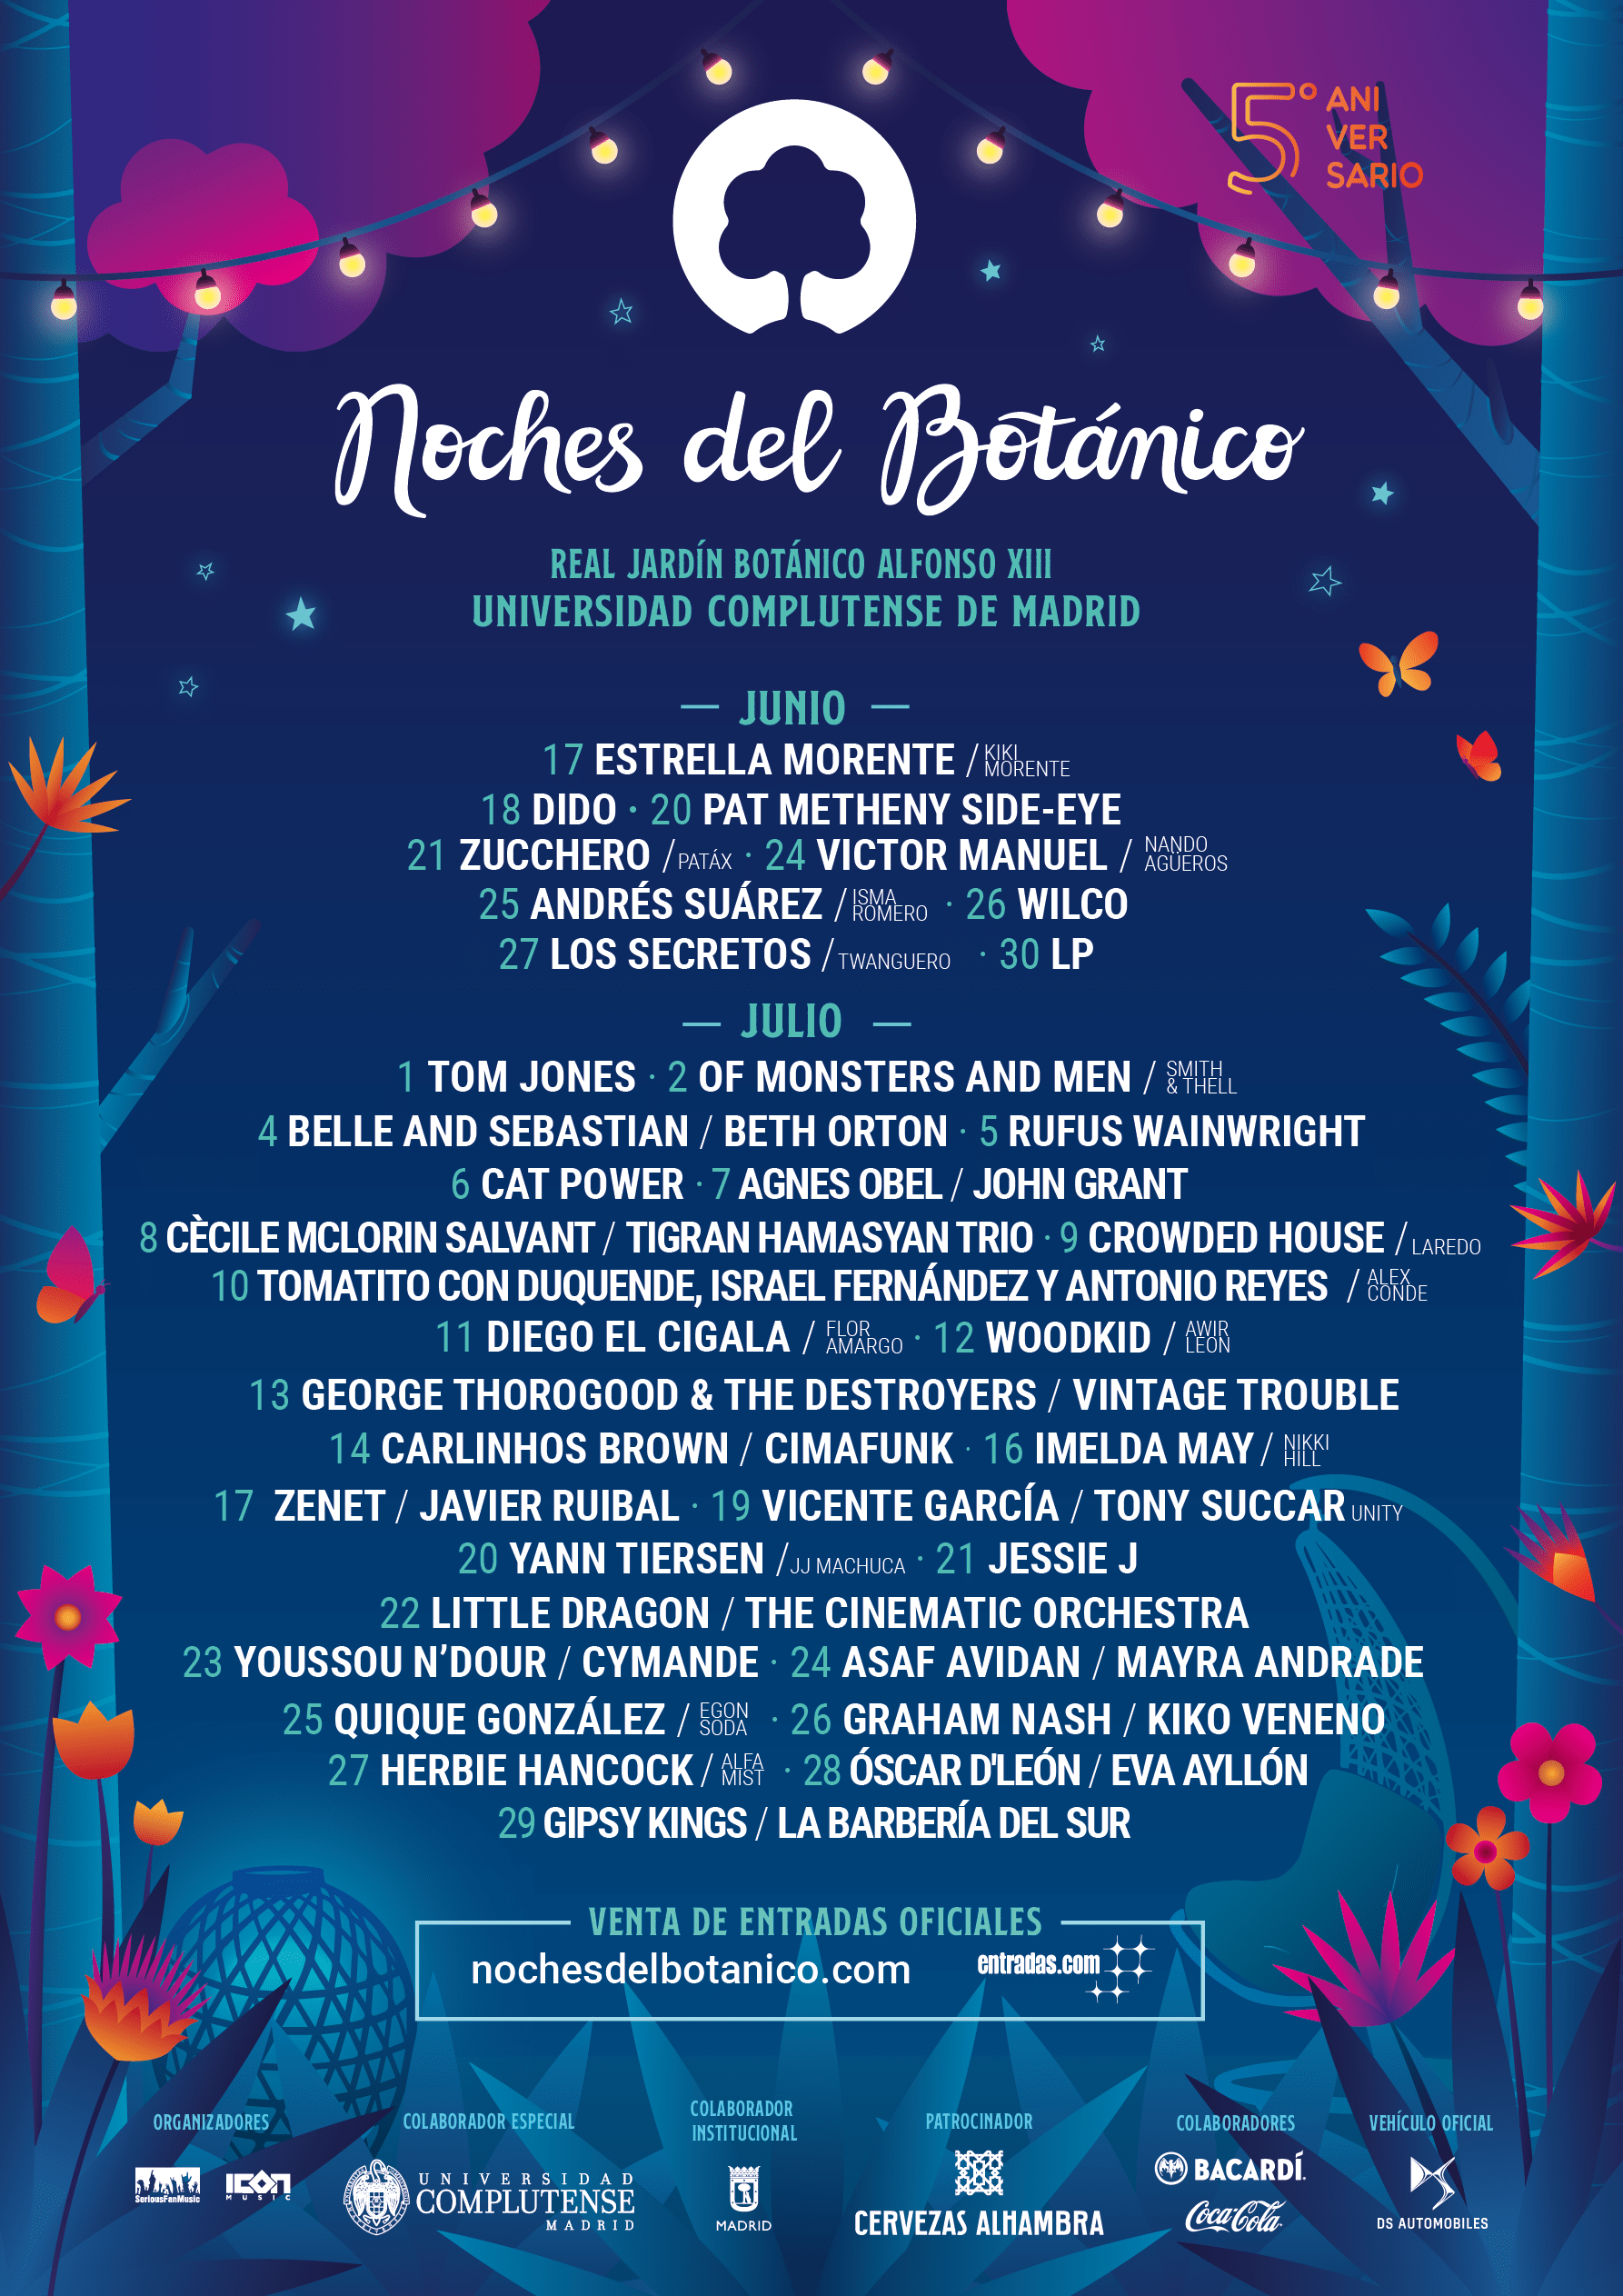 COMUNICADO OFICIAL NOCHES DEL BOTÁNICO